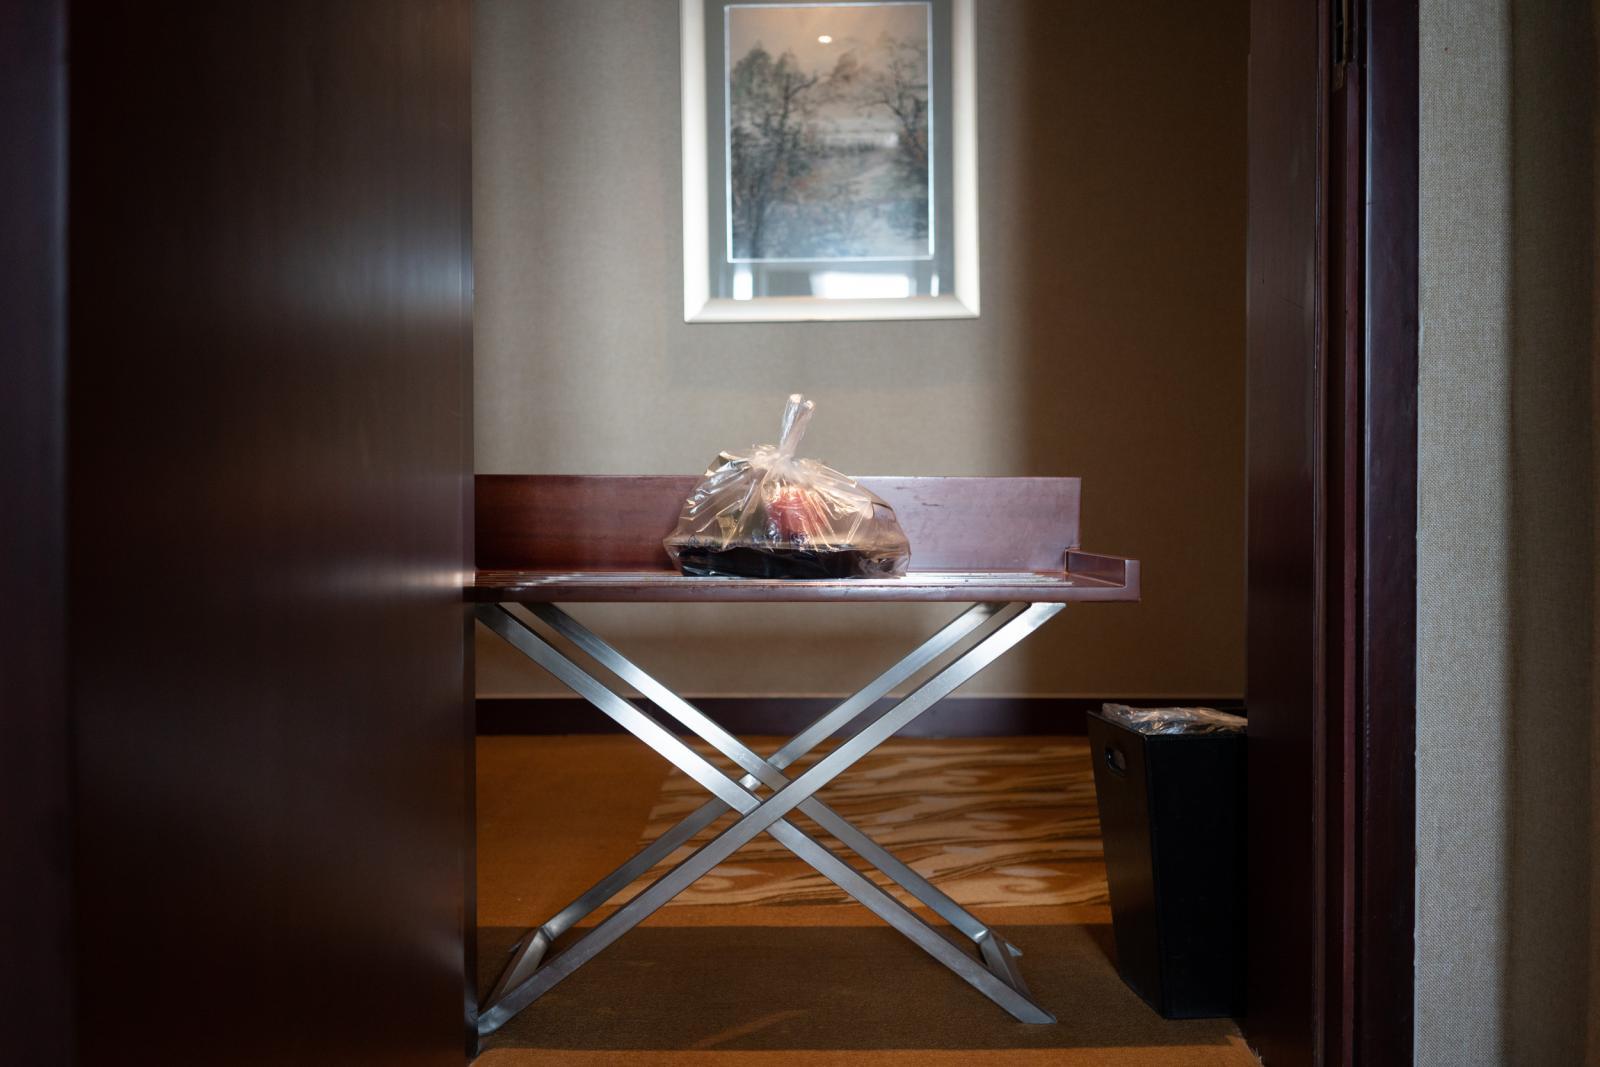 Photography image - Loading HotelQuarantine_03.jpg